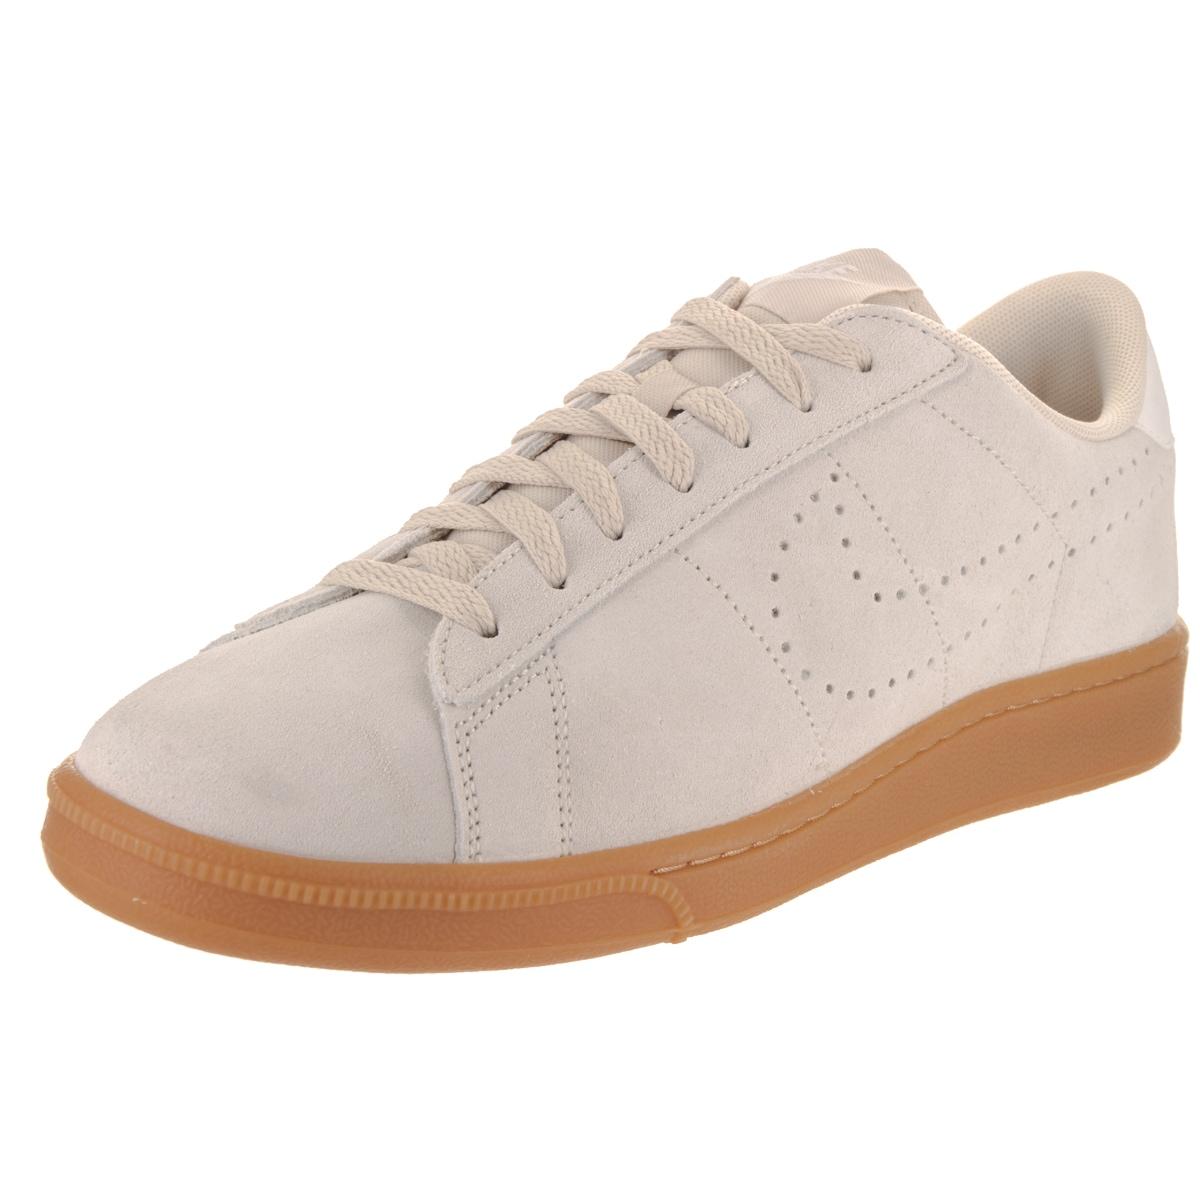 new arrival 45b11 91d61 Nike Men s Tennis Classic CS Suede Tennis Shoes